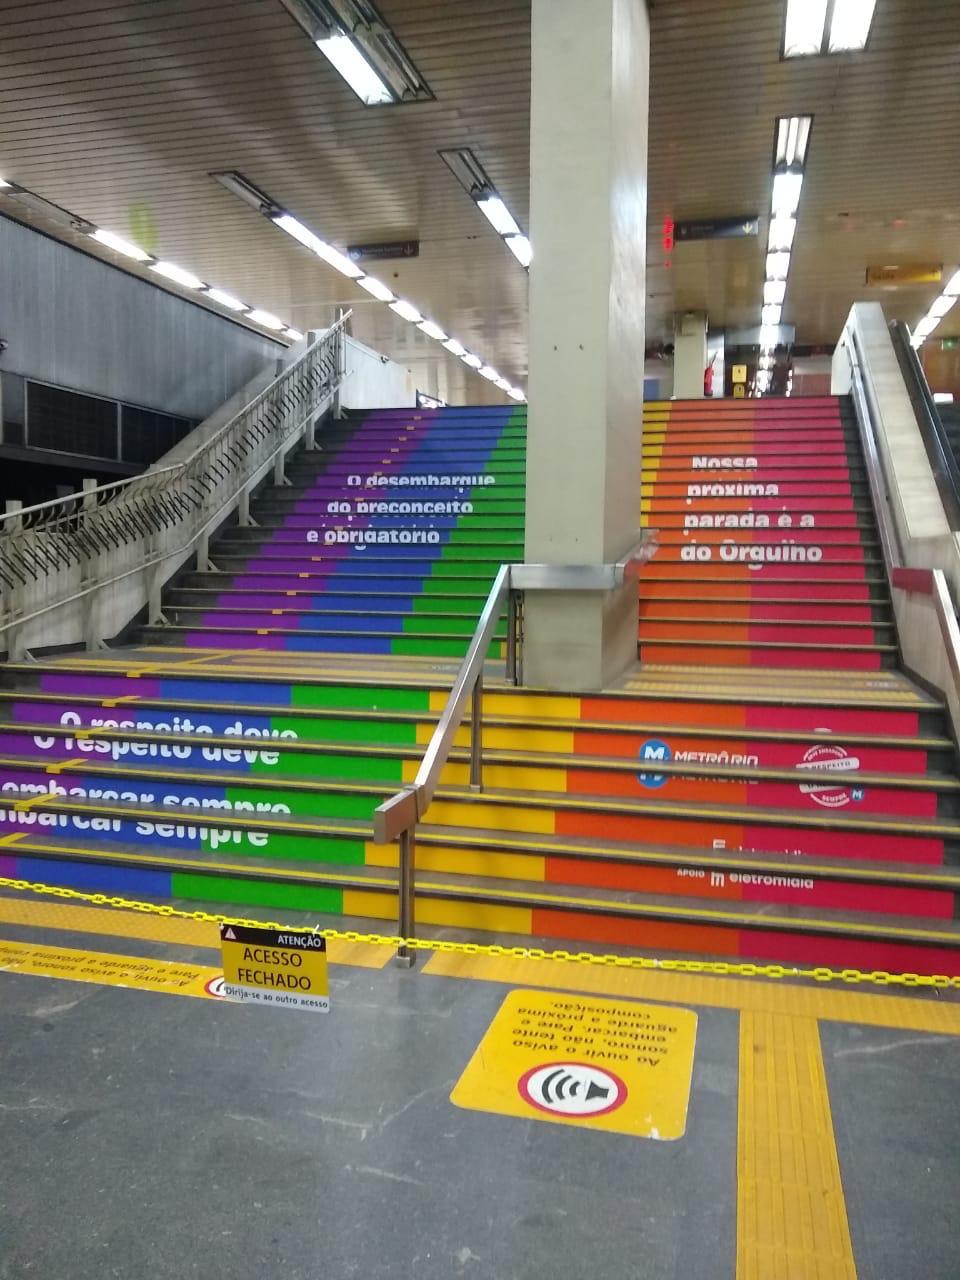 'Escada da Diversidade' na estação (Divulgação: MetrôRio)